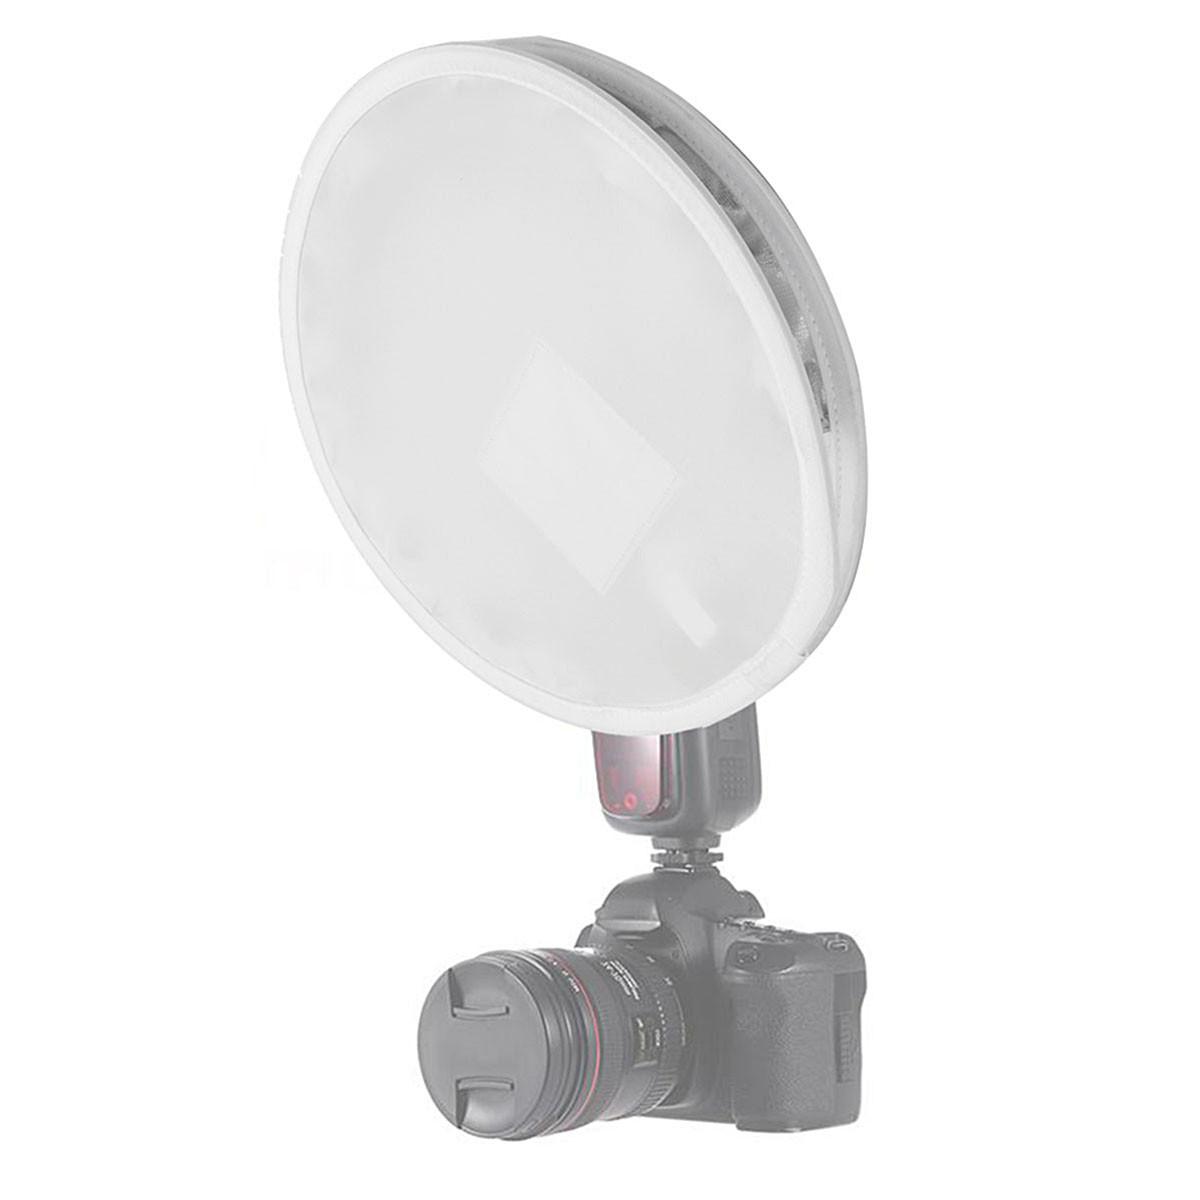 31см портативный мини круглый диффузор вспышка Speedlite софтбокс для Canon Nikon - ➊TopShop ➠ Товары из Китая с бесплатной доставкой в Украину! в Днепре